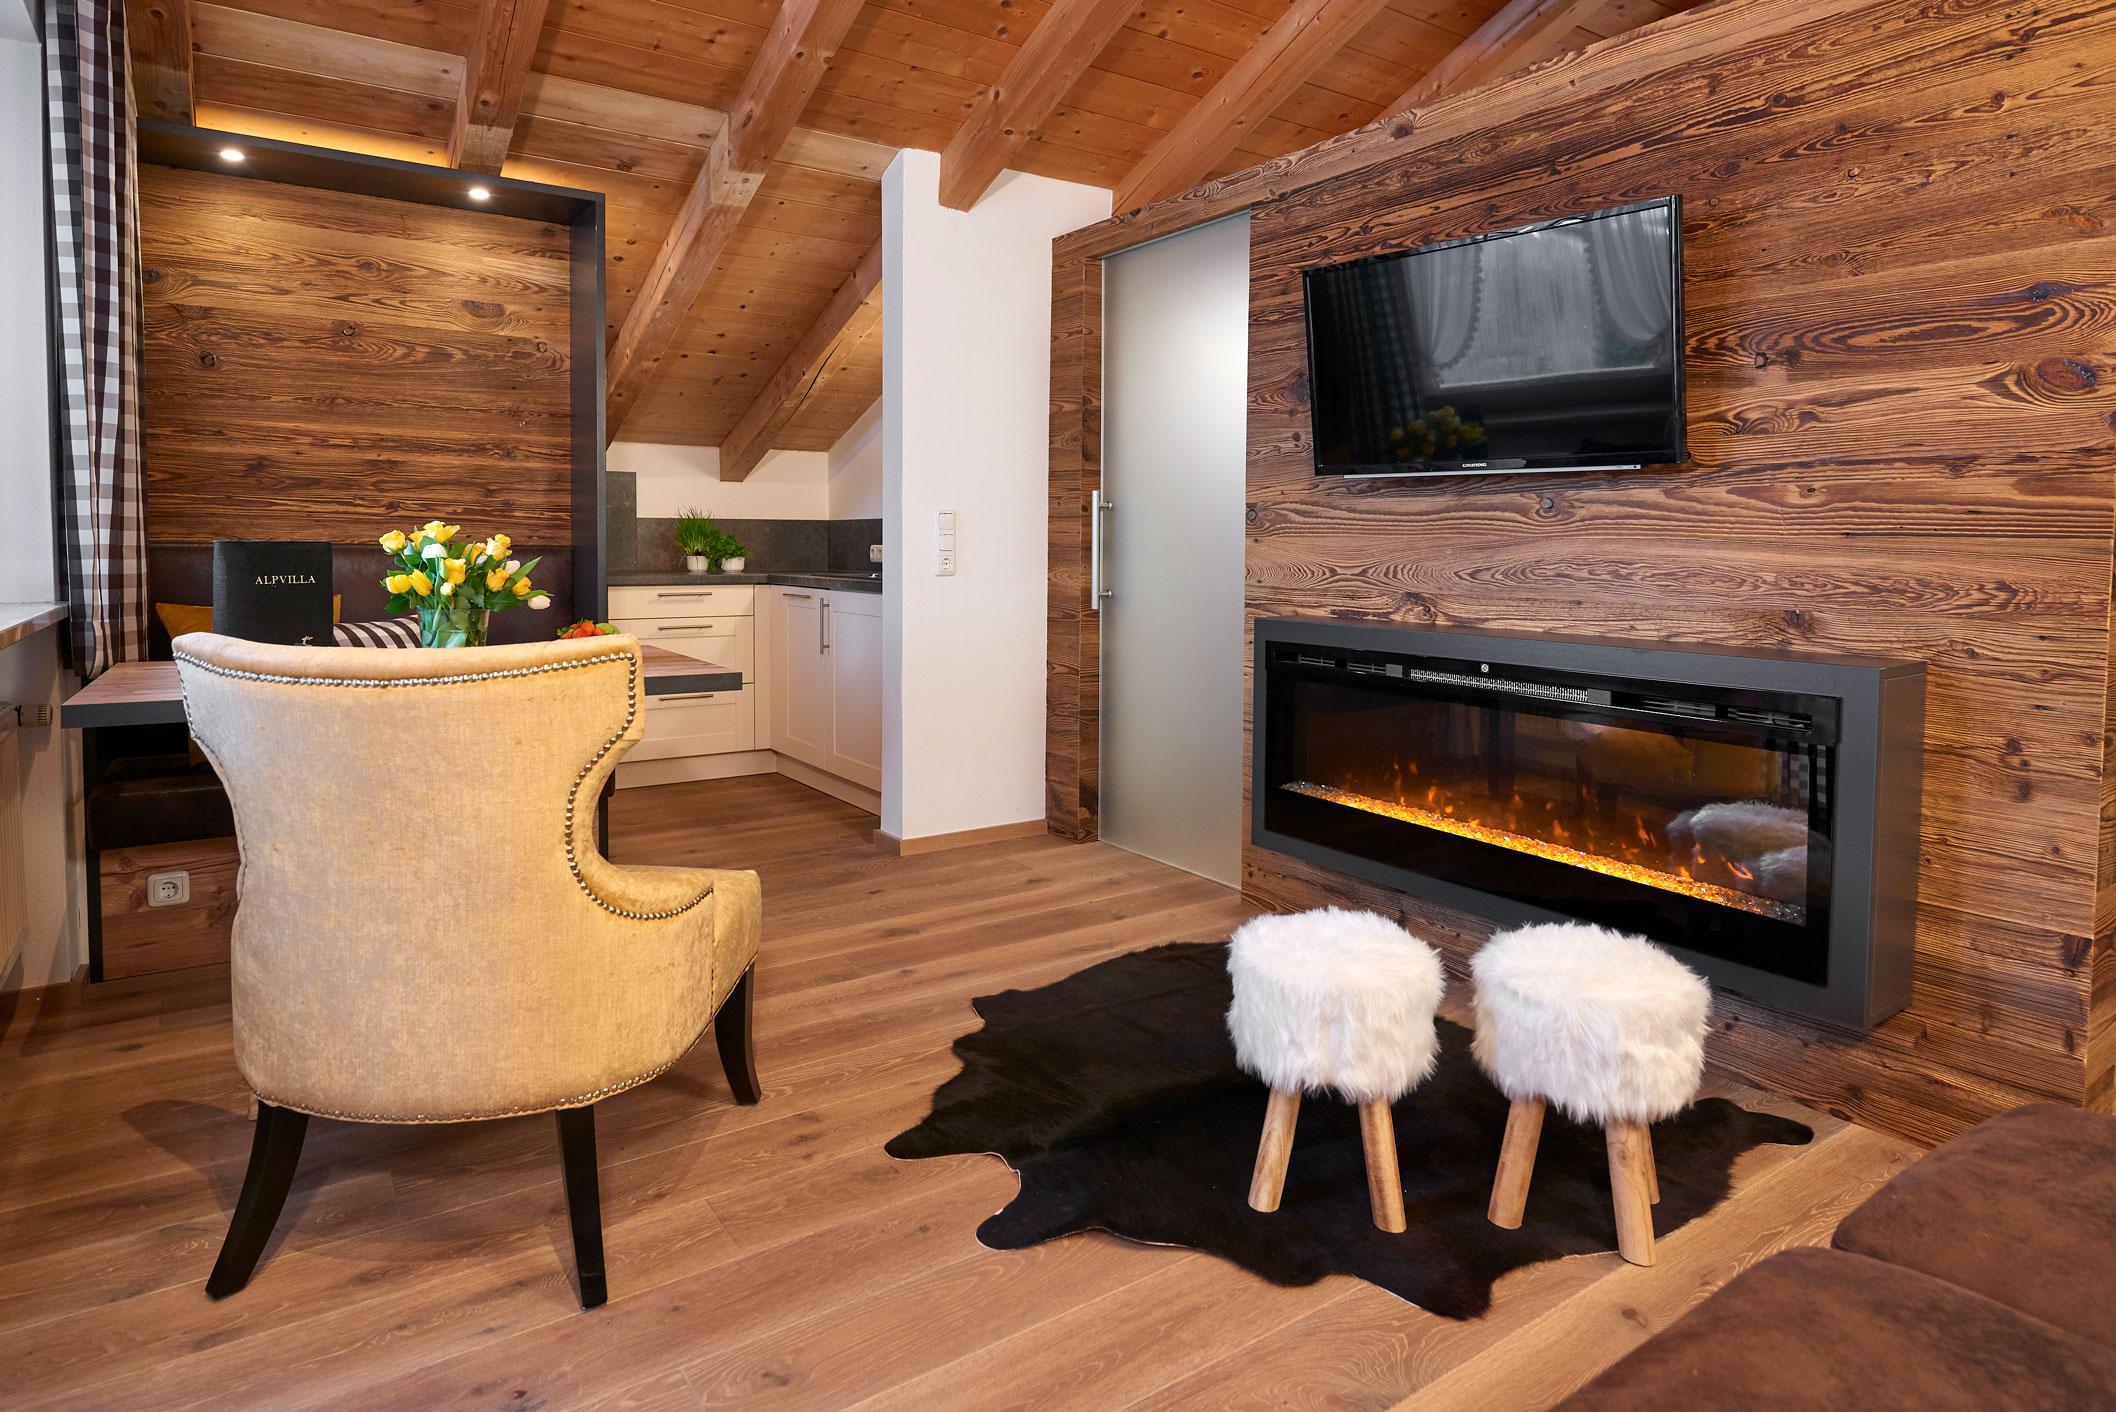 Alpkitz Wohnzimmer mit Kaminfeuer und Sessel sowie zwei Hockern